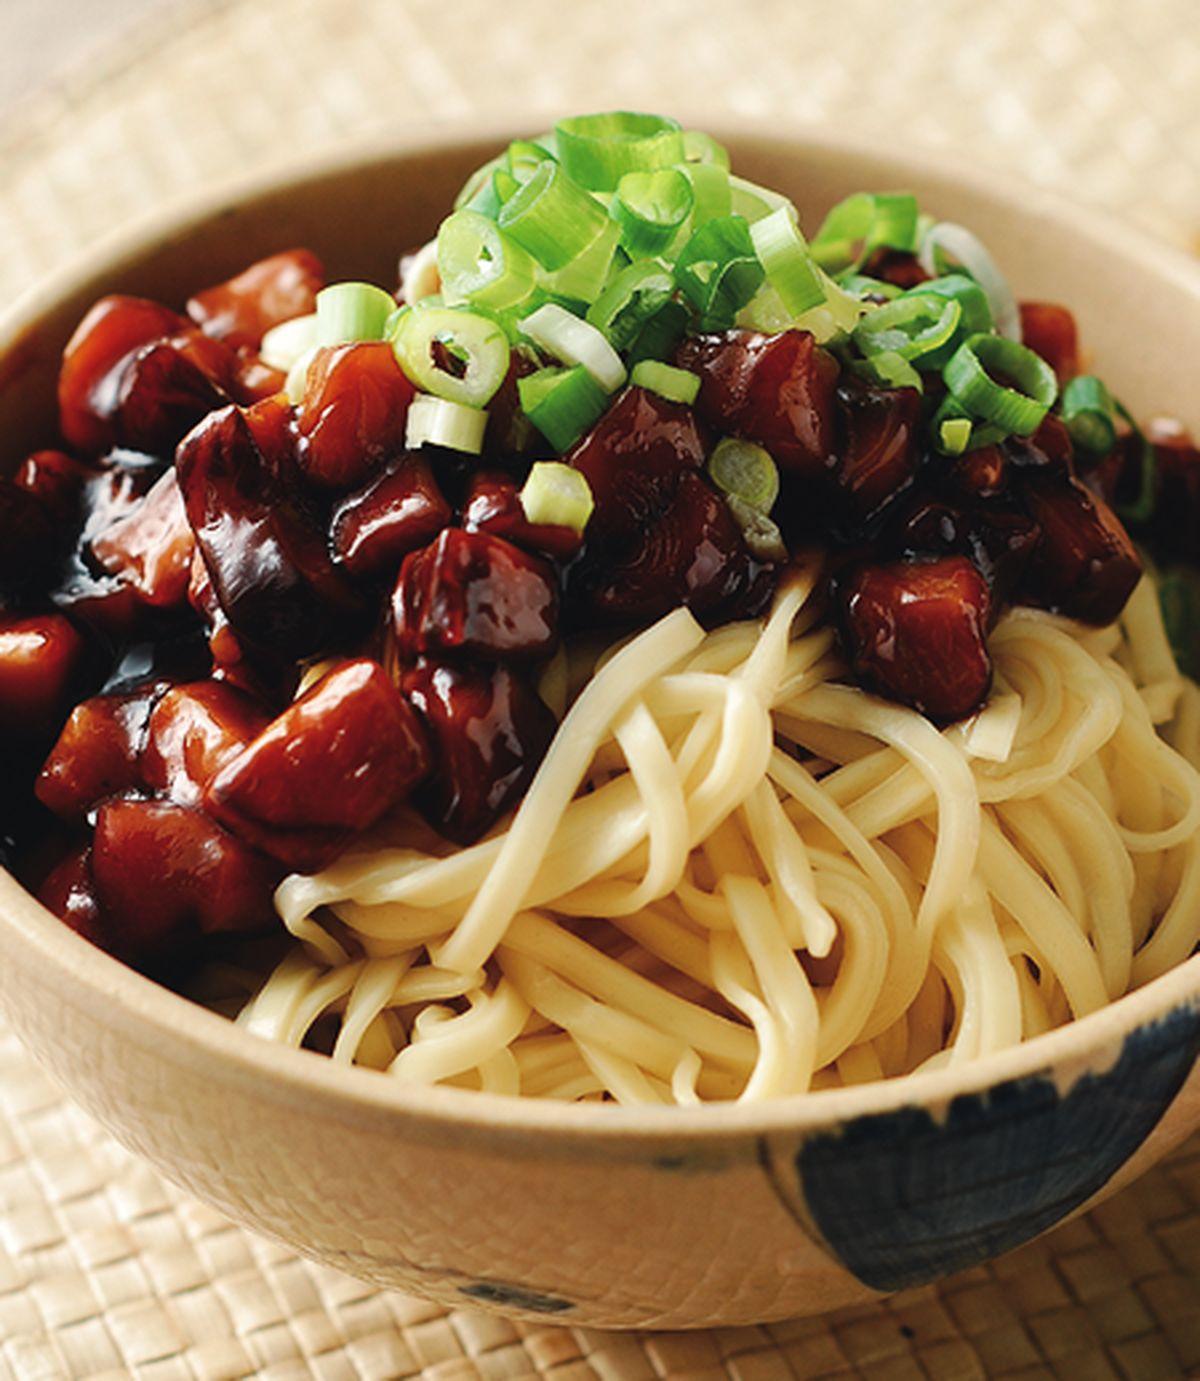 食譜:蠔油菇丁拌麵